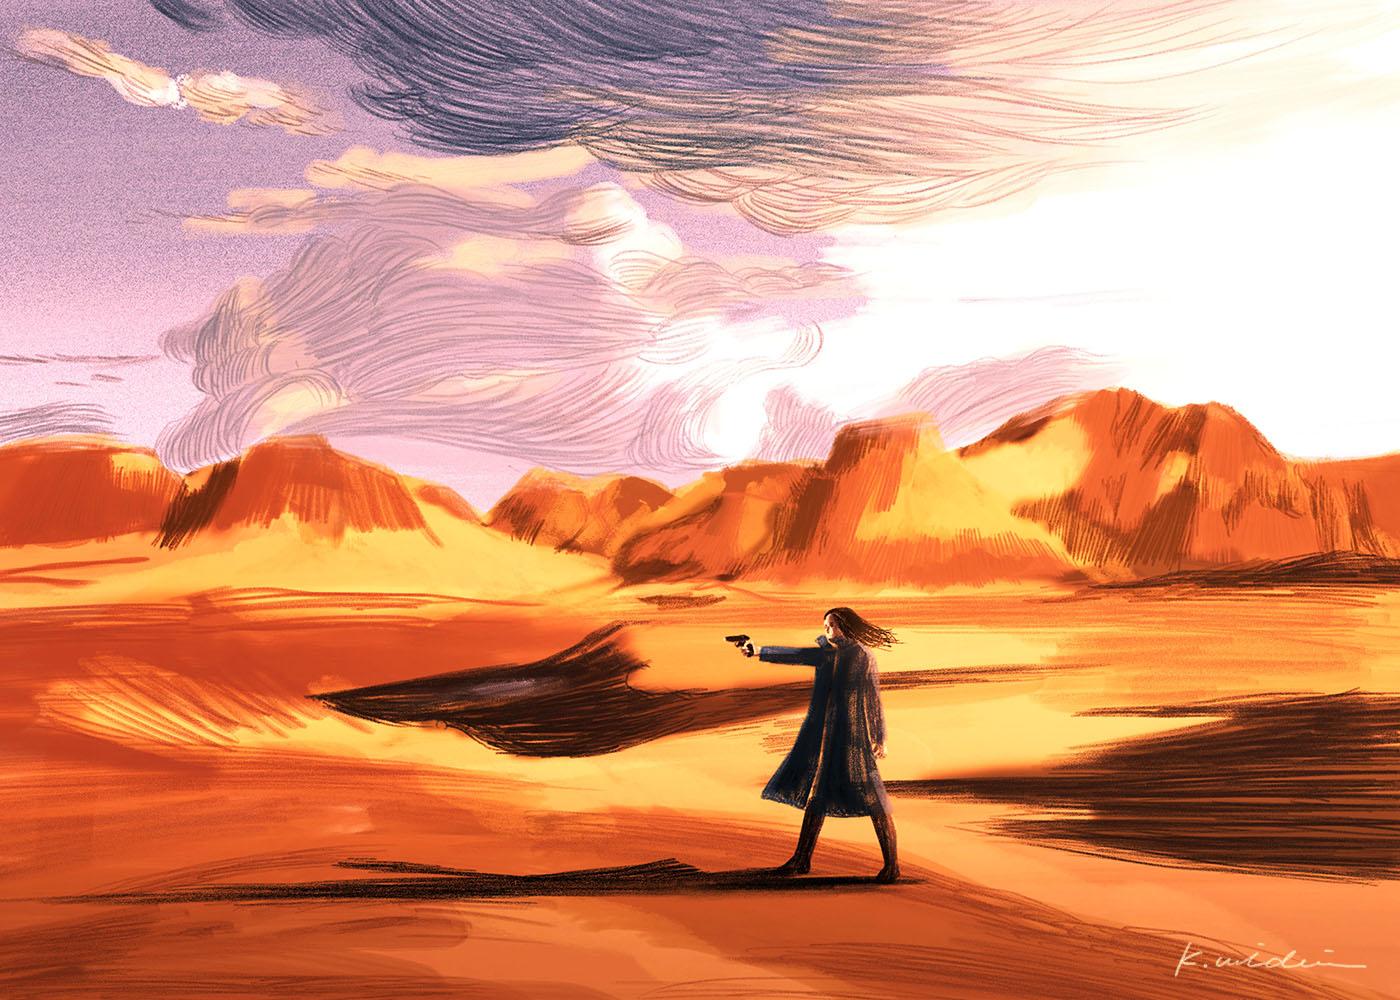 イラストレーション 風景 荒野 少女 夕景 雲